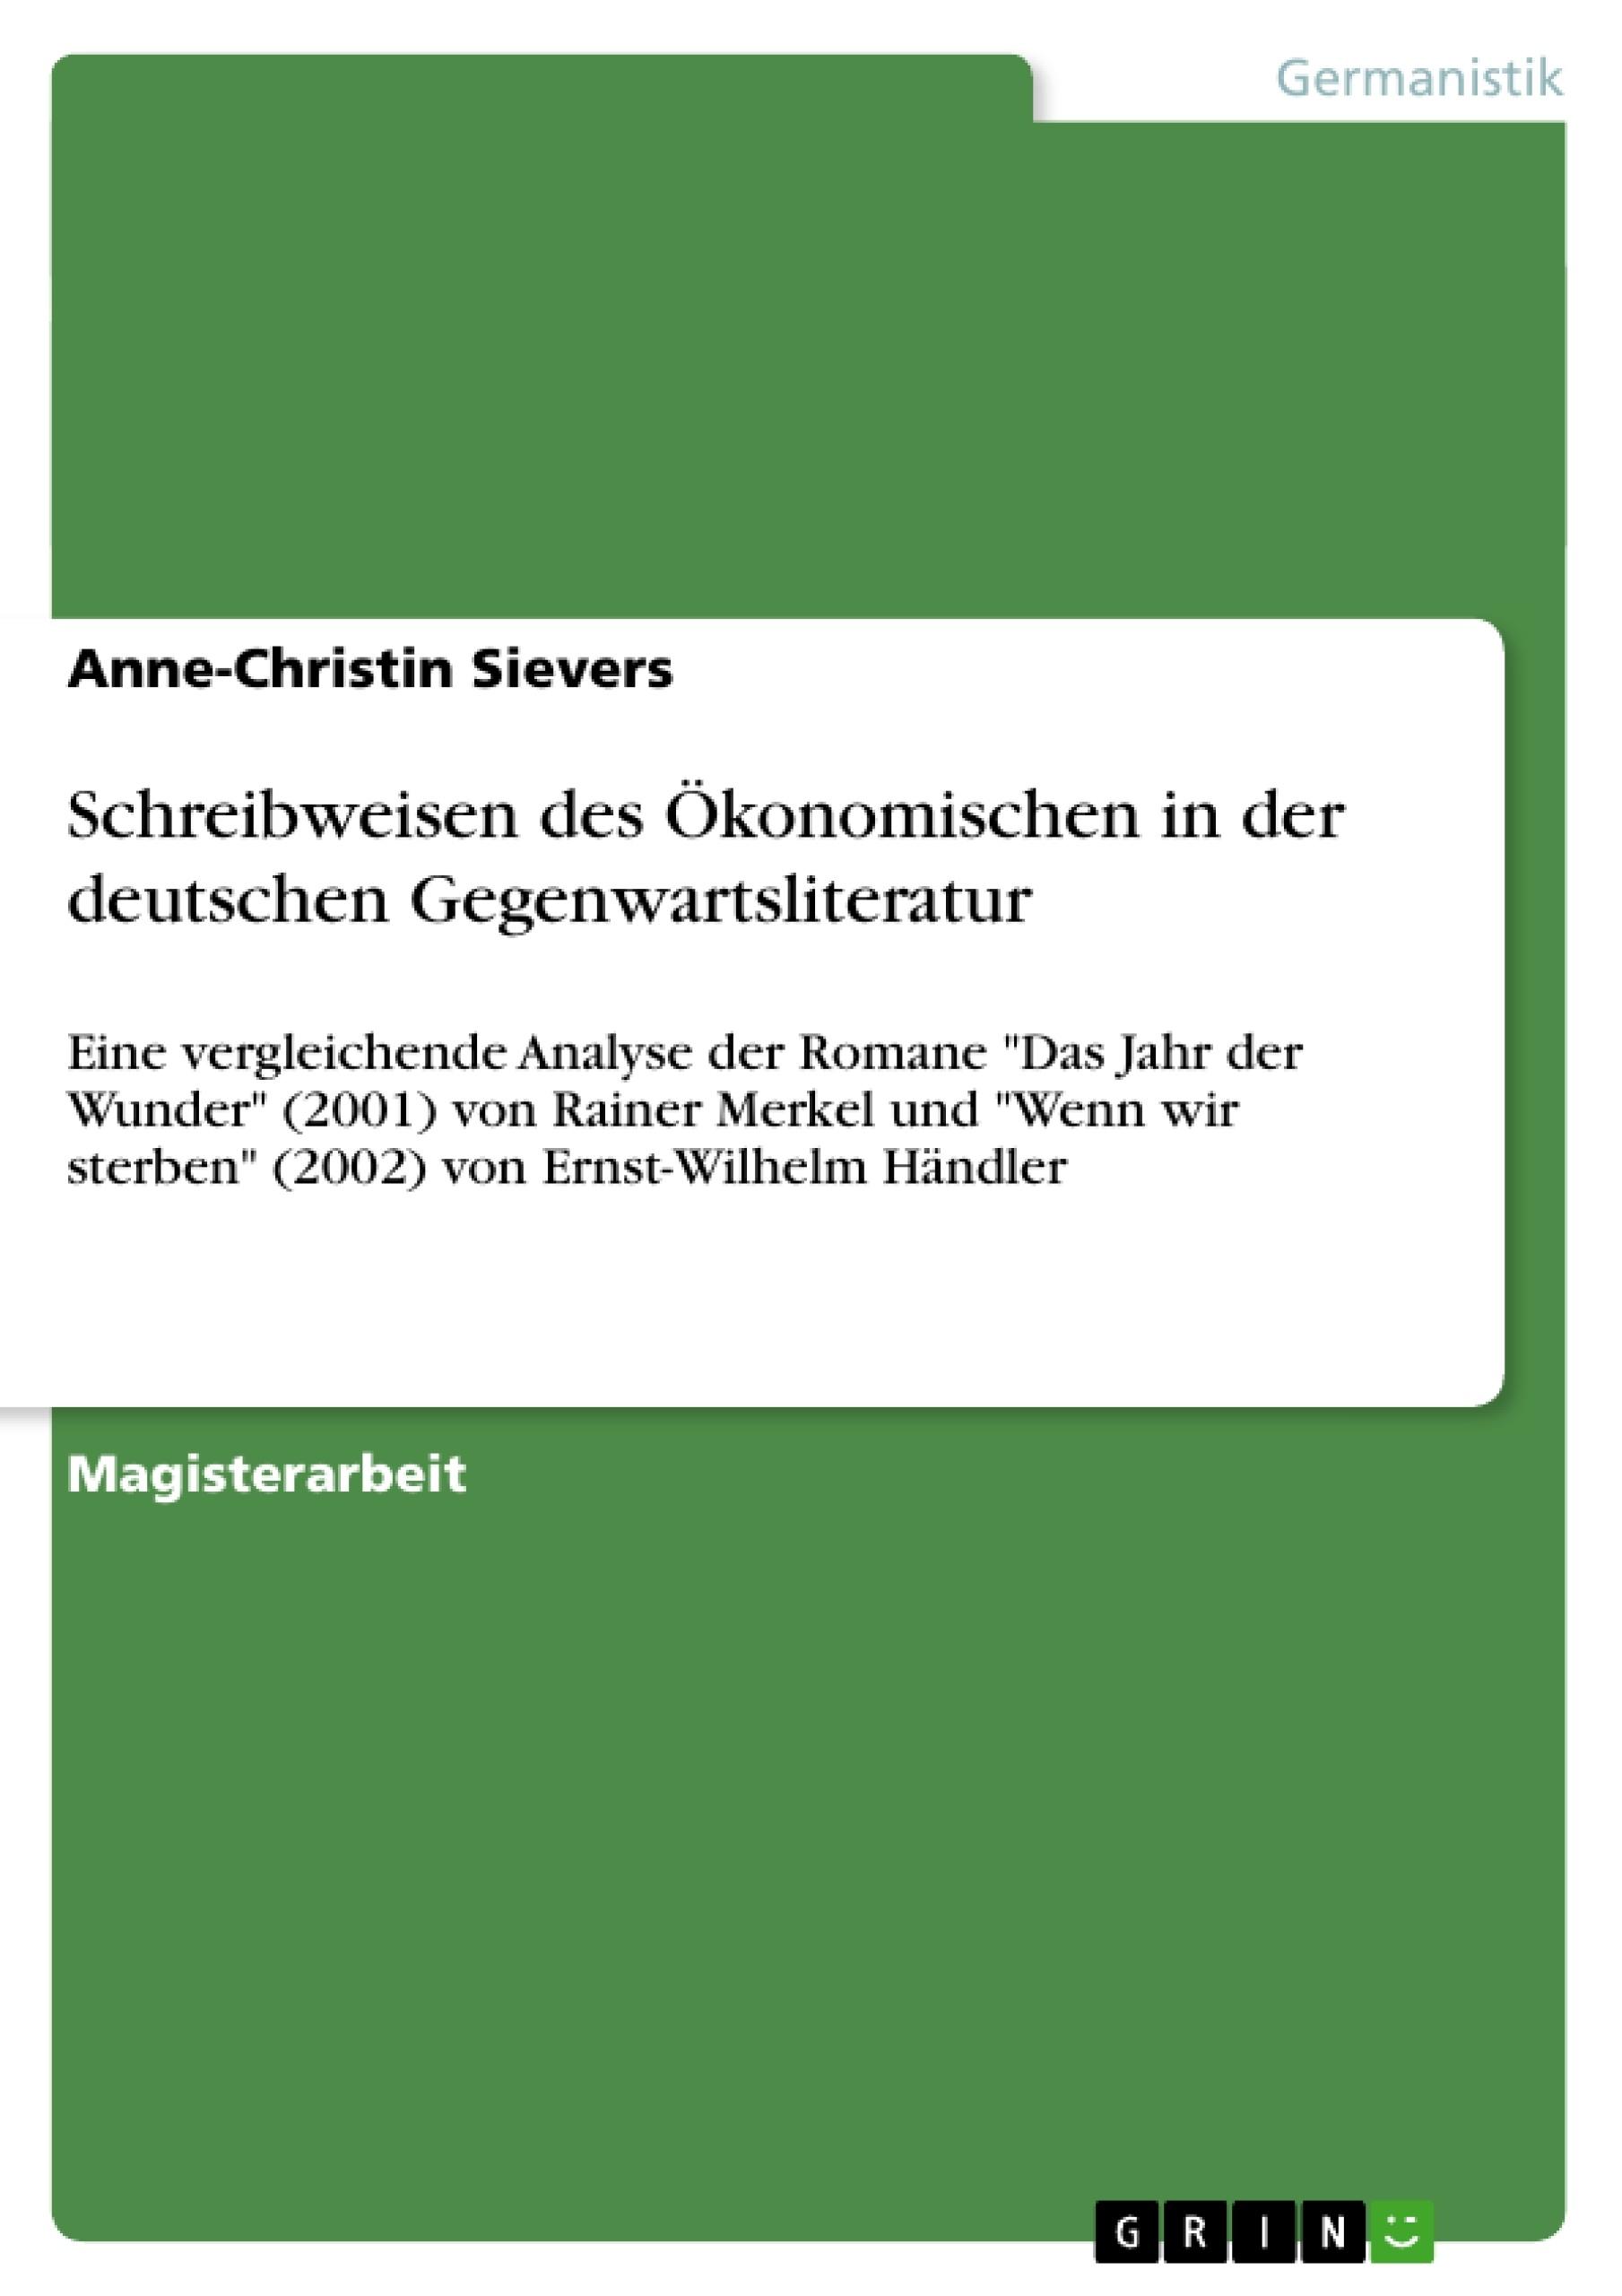 Titel: Schreibweisen des Ökonomischen in der deutschen Gegenwartsliteratur